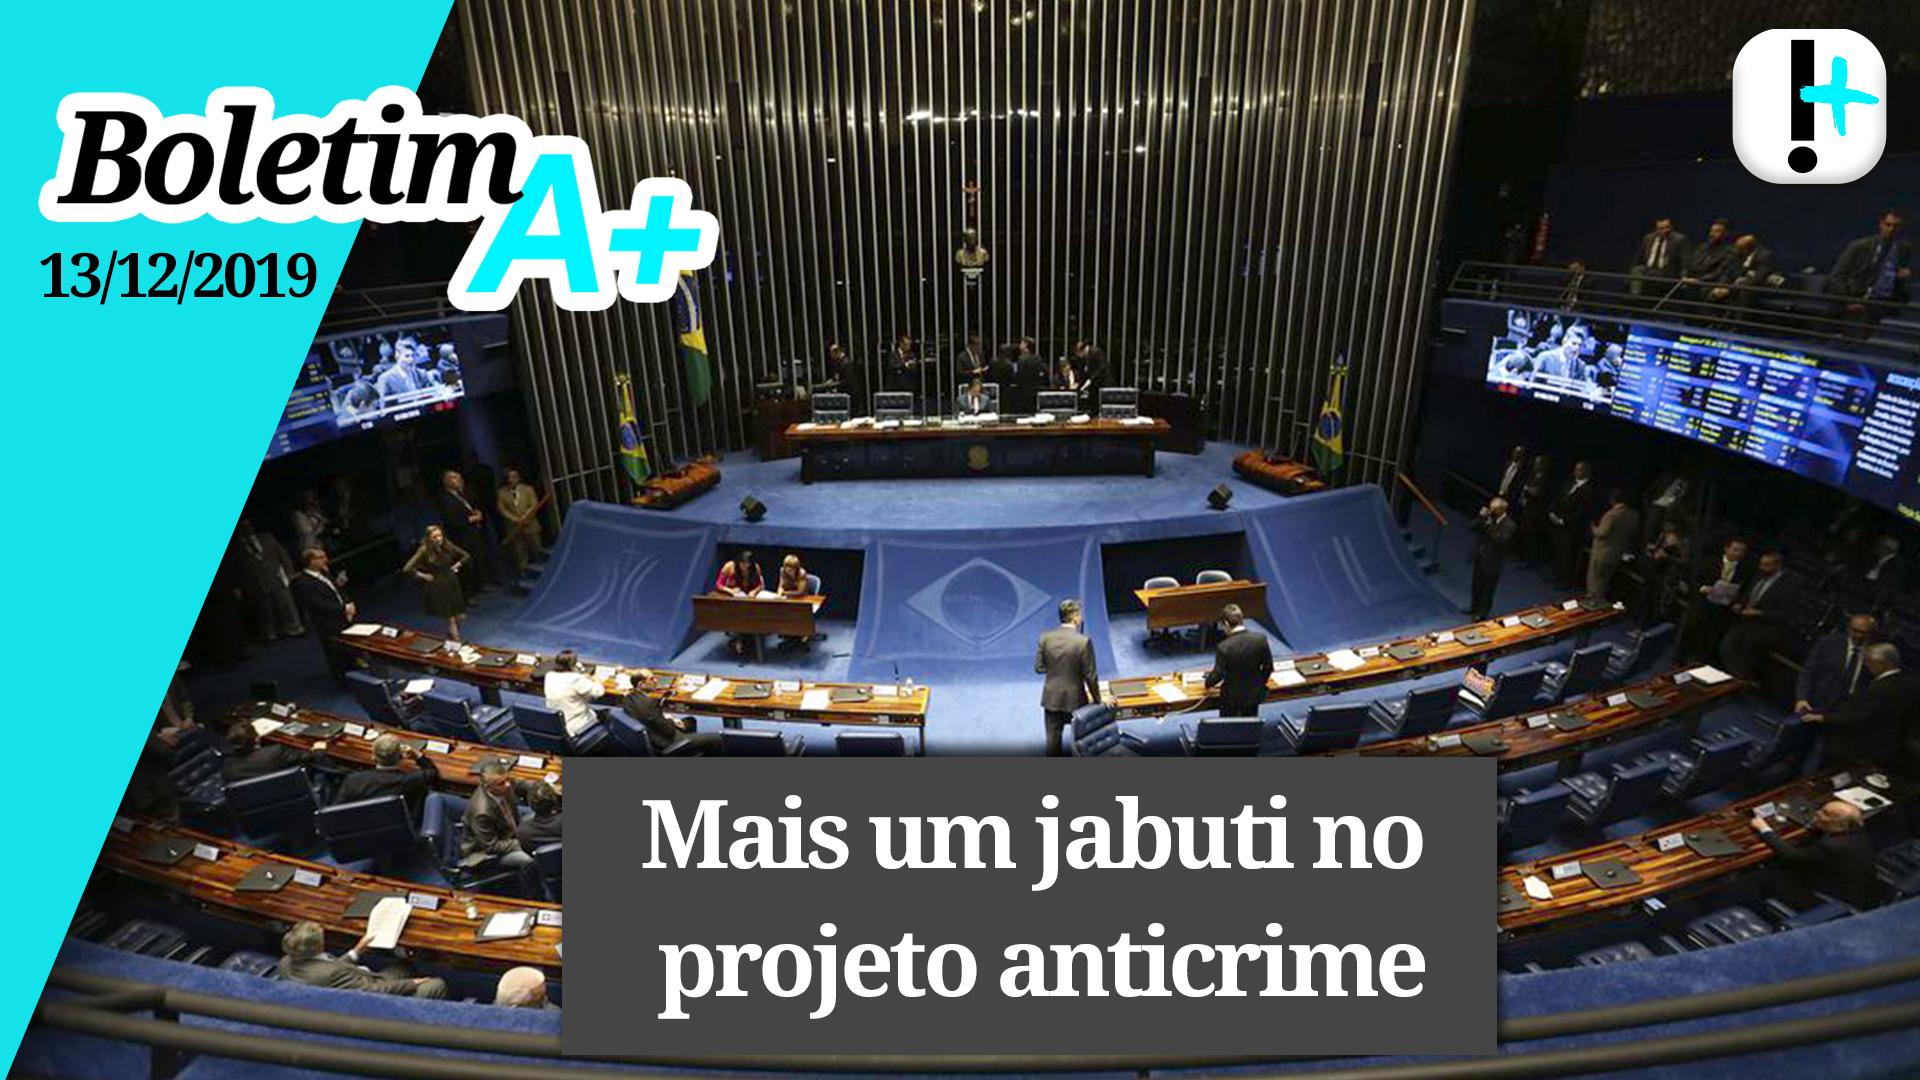 Boletim A+: mais um jabuti no projeto anticrime